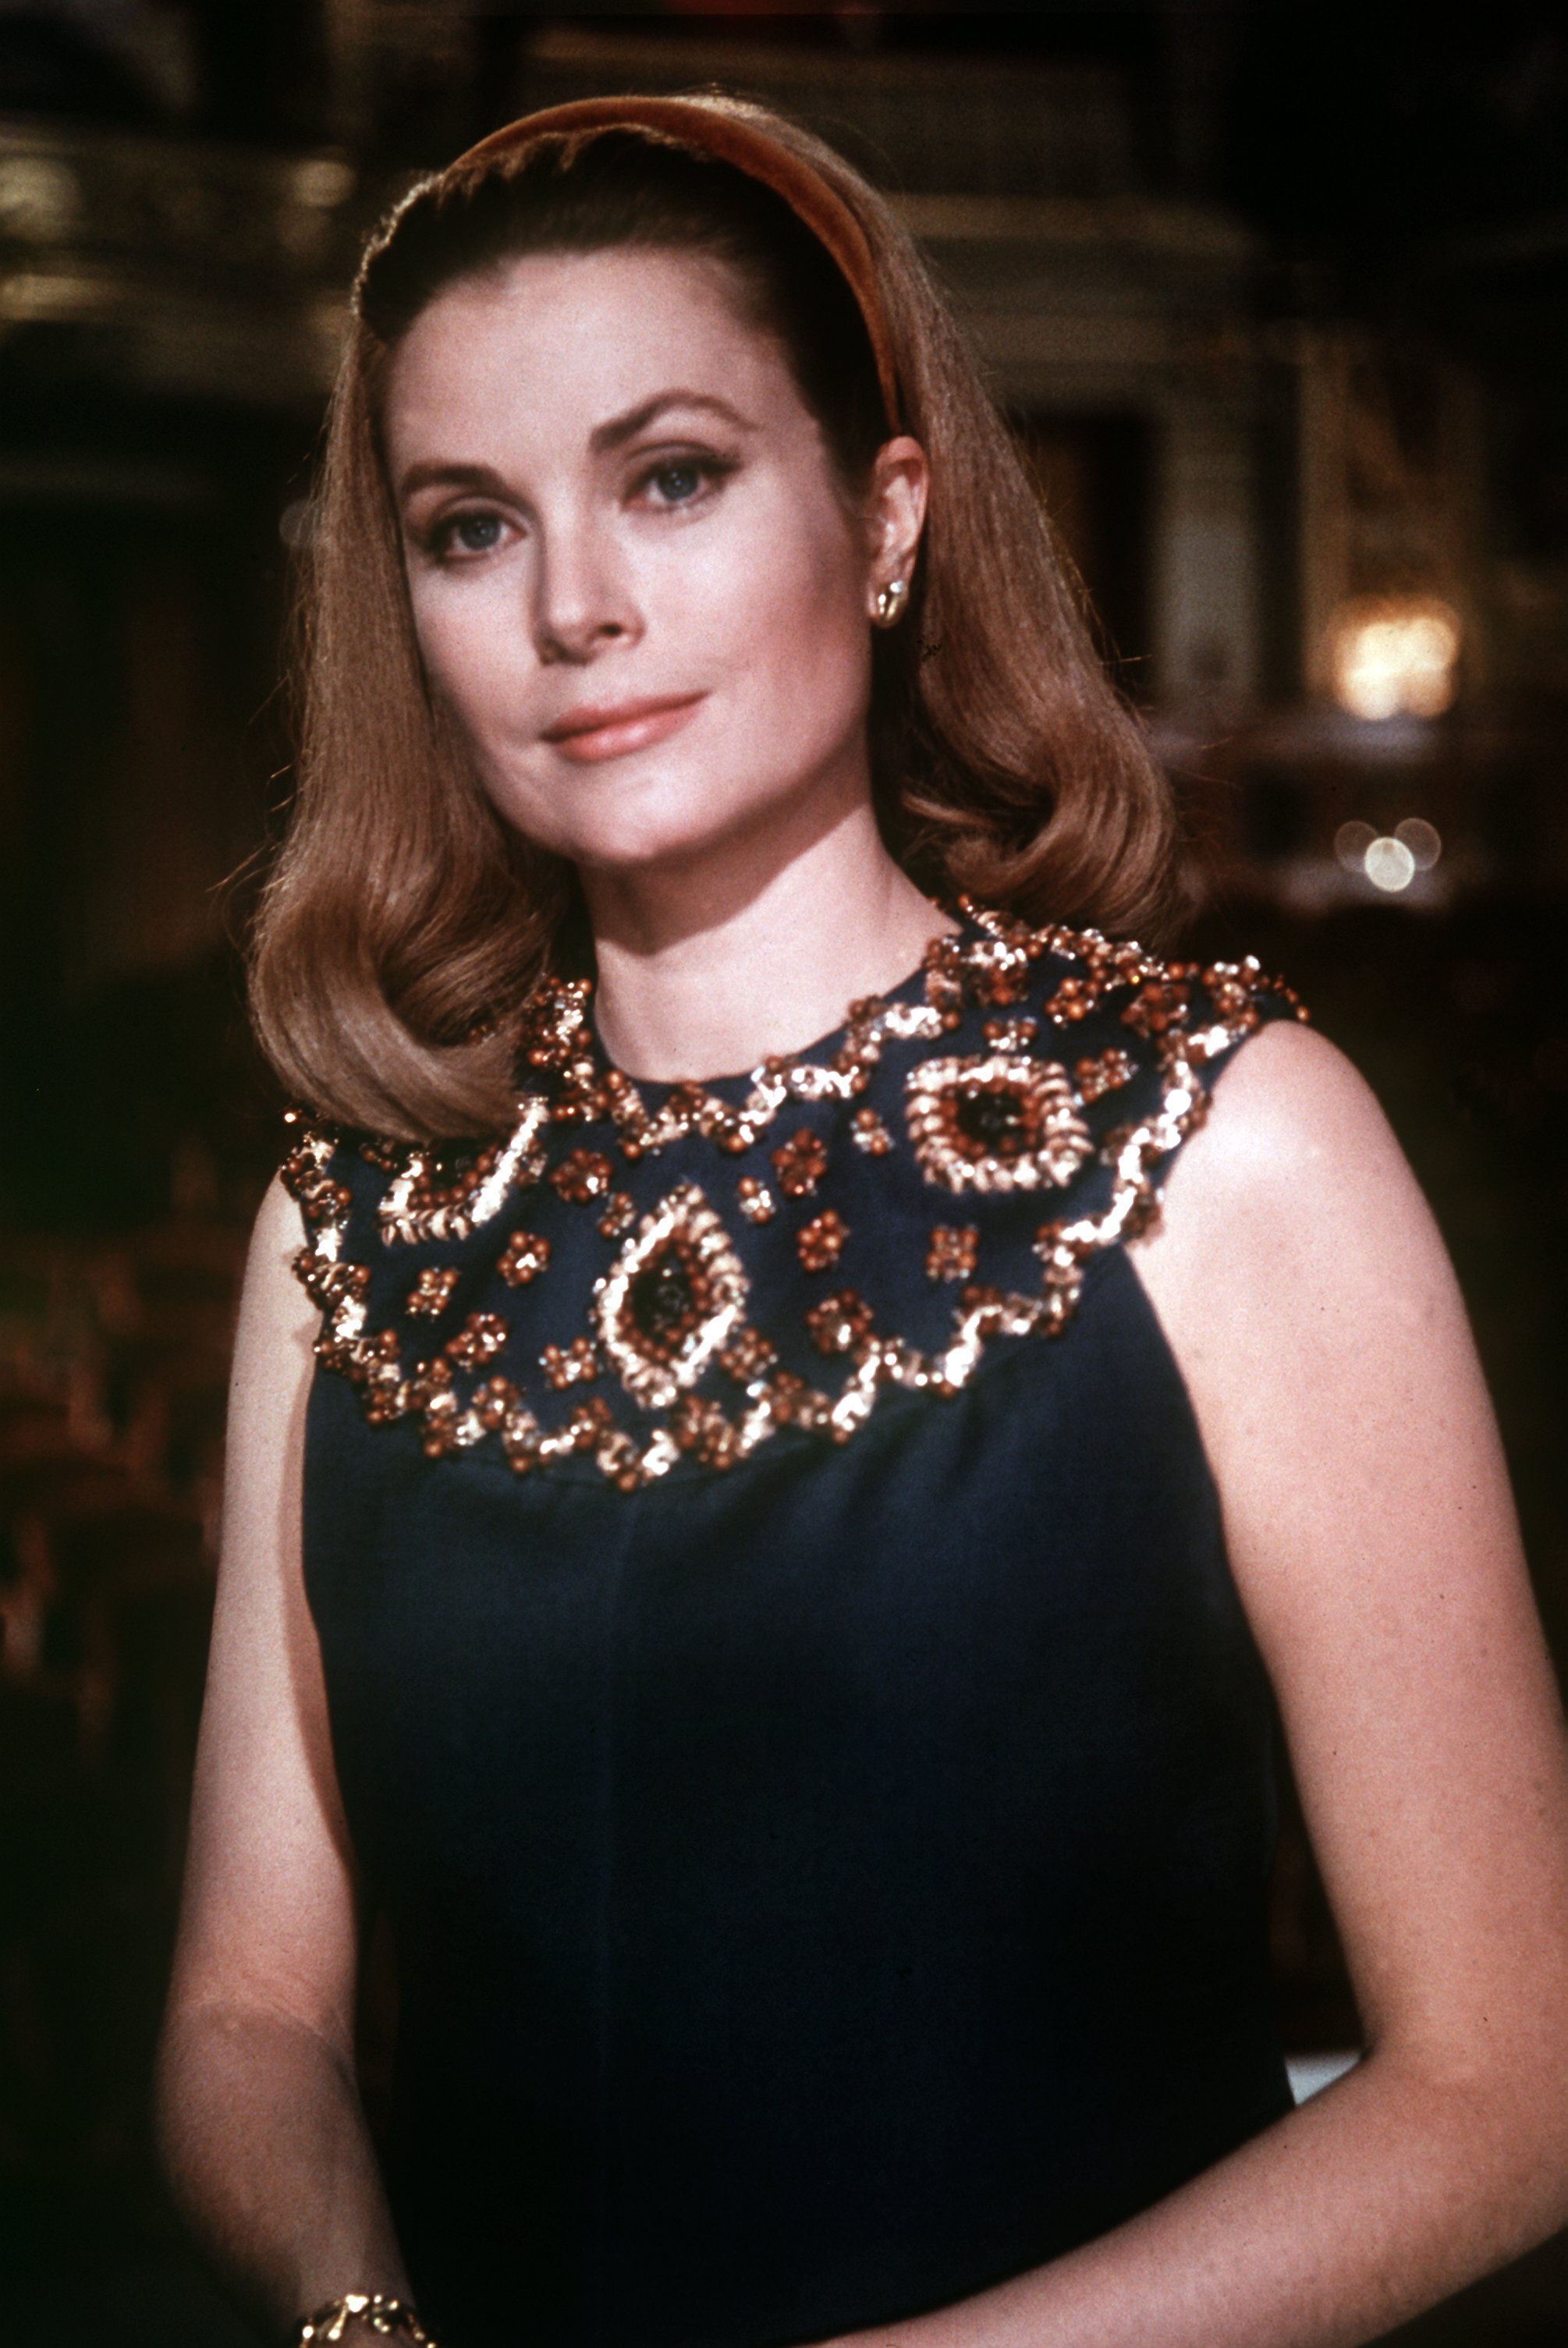 Fürstin Gracia Patricia starb einen Tag nach einem Unfall. Sie war mit dem Wagen von einer Küstenstraße in der Nähe von Monte Carlo gestürzt